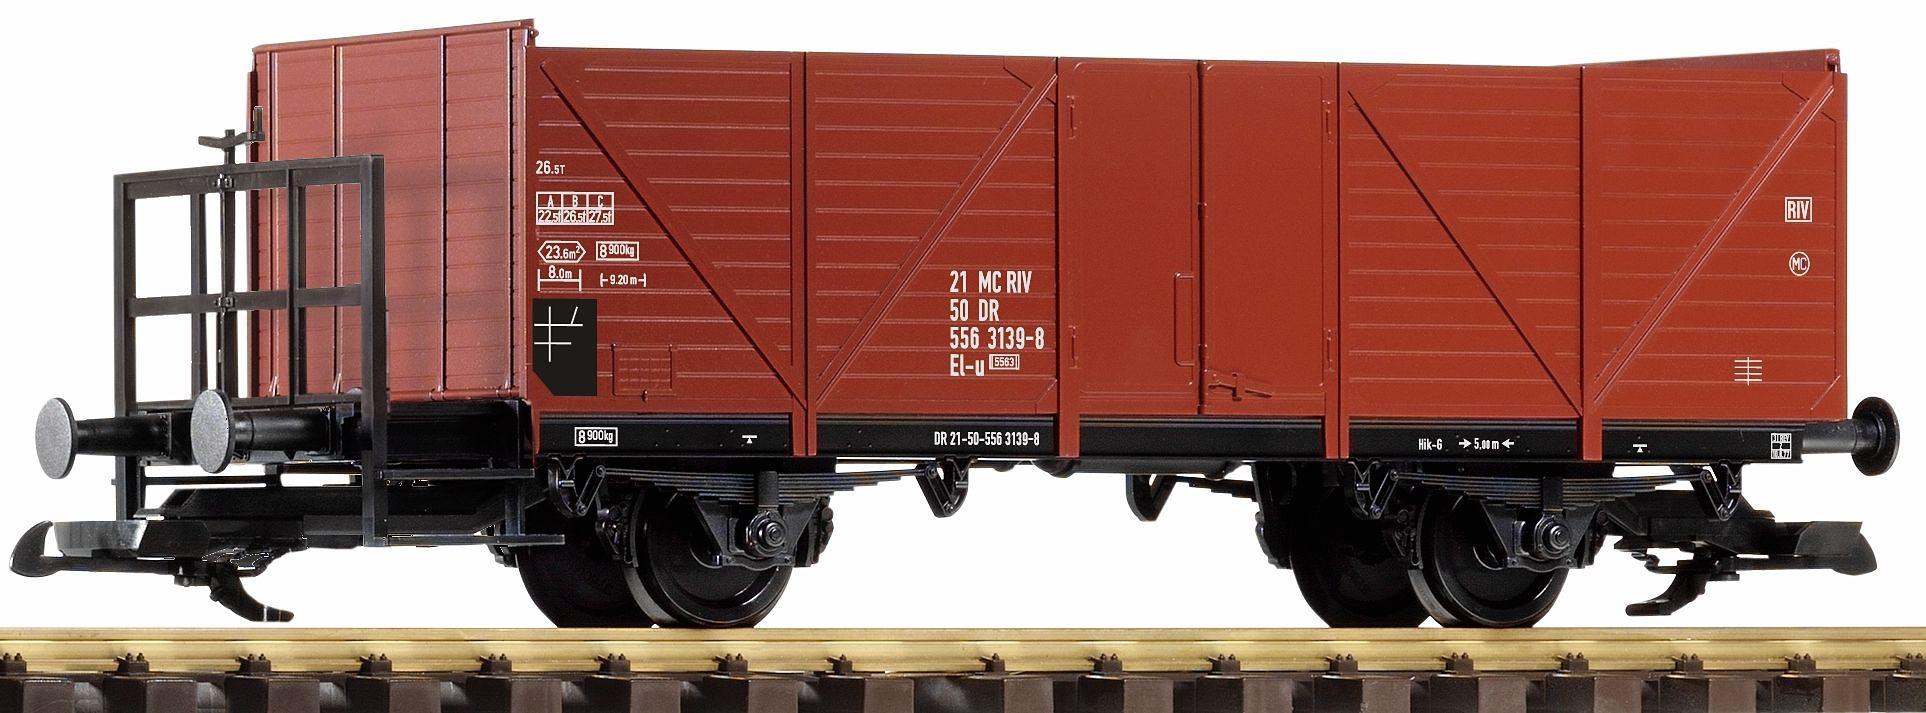 PIKO Güterwagen, Spur G, »Offener Güterwagen mit Bremserbühne, DR - Gleichstrom«